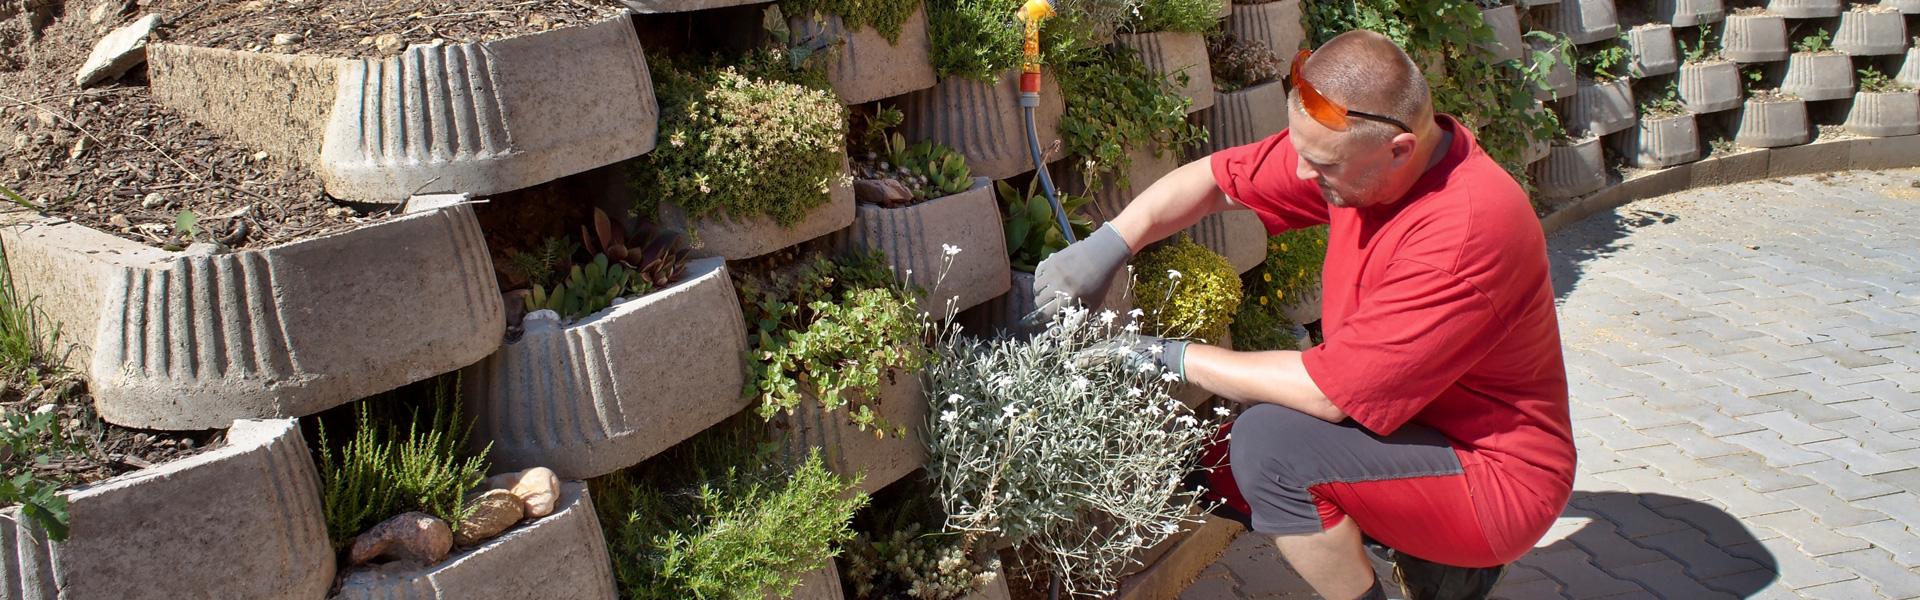 landscaping-slide